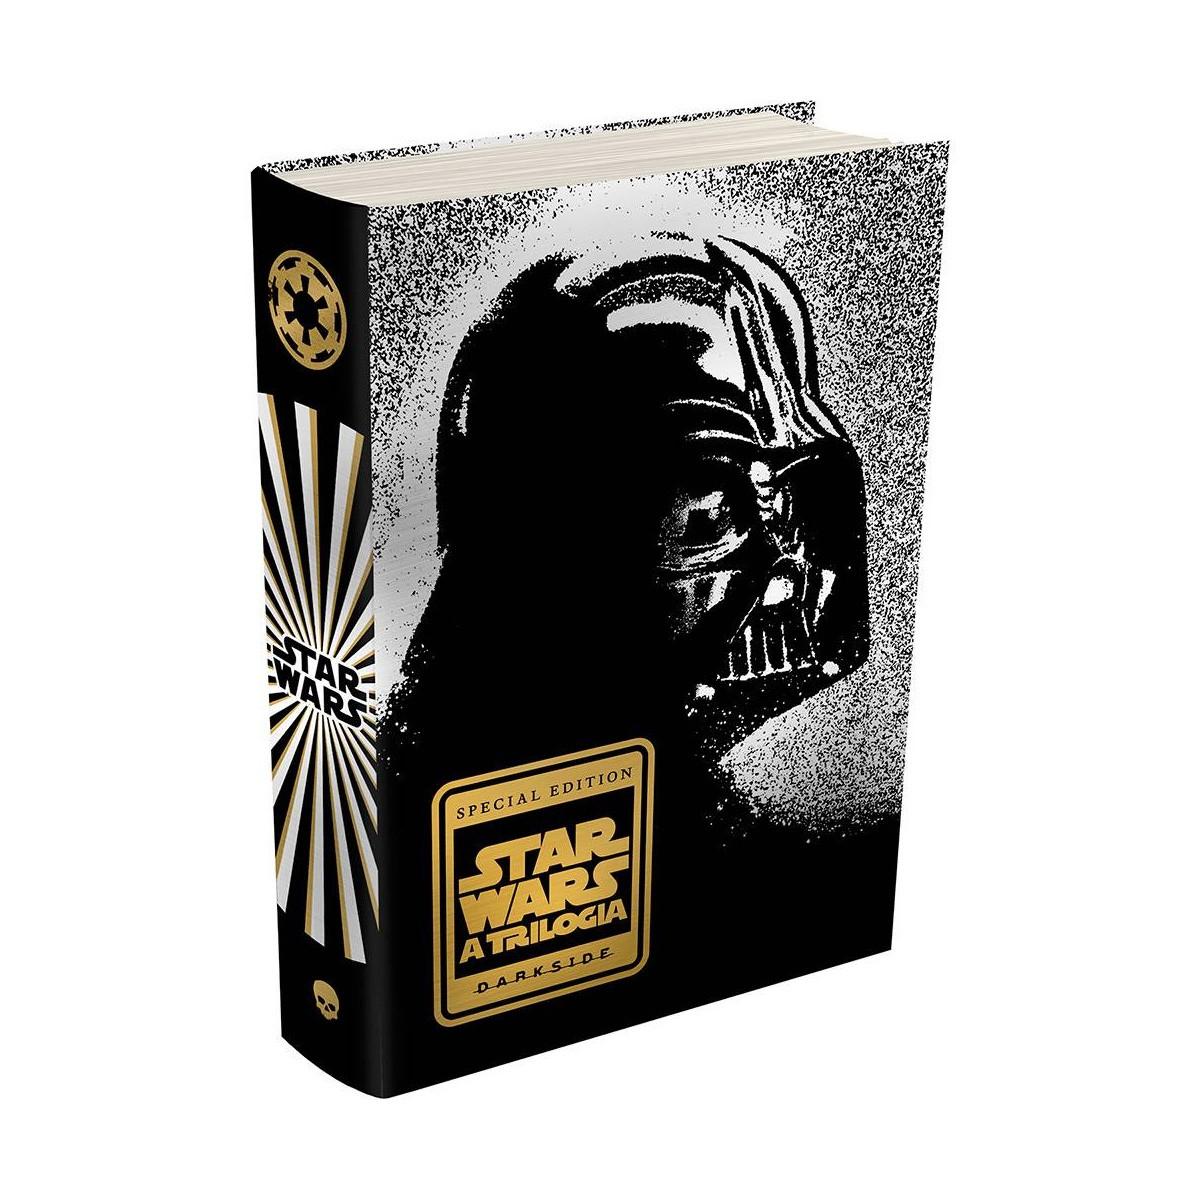 Star Wars, A trilogia - Capa Dura Edição Especial